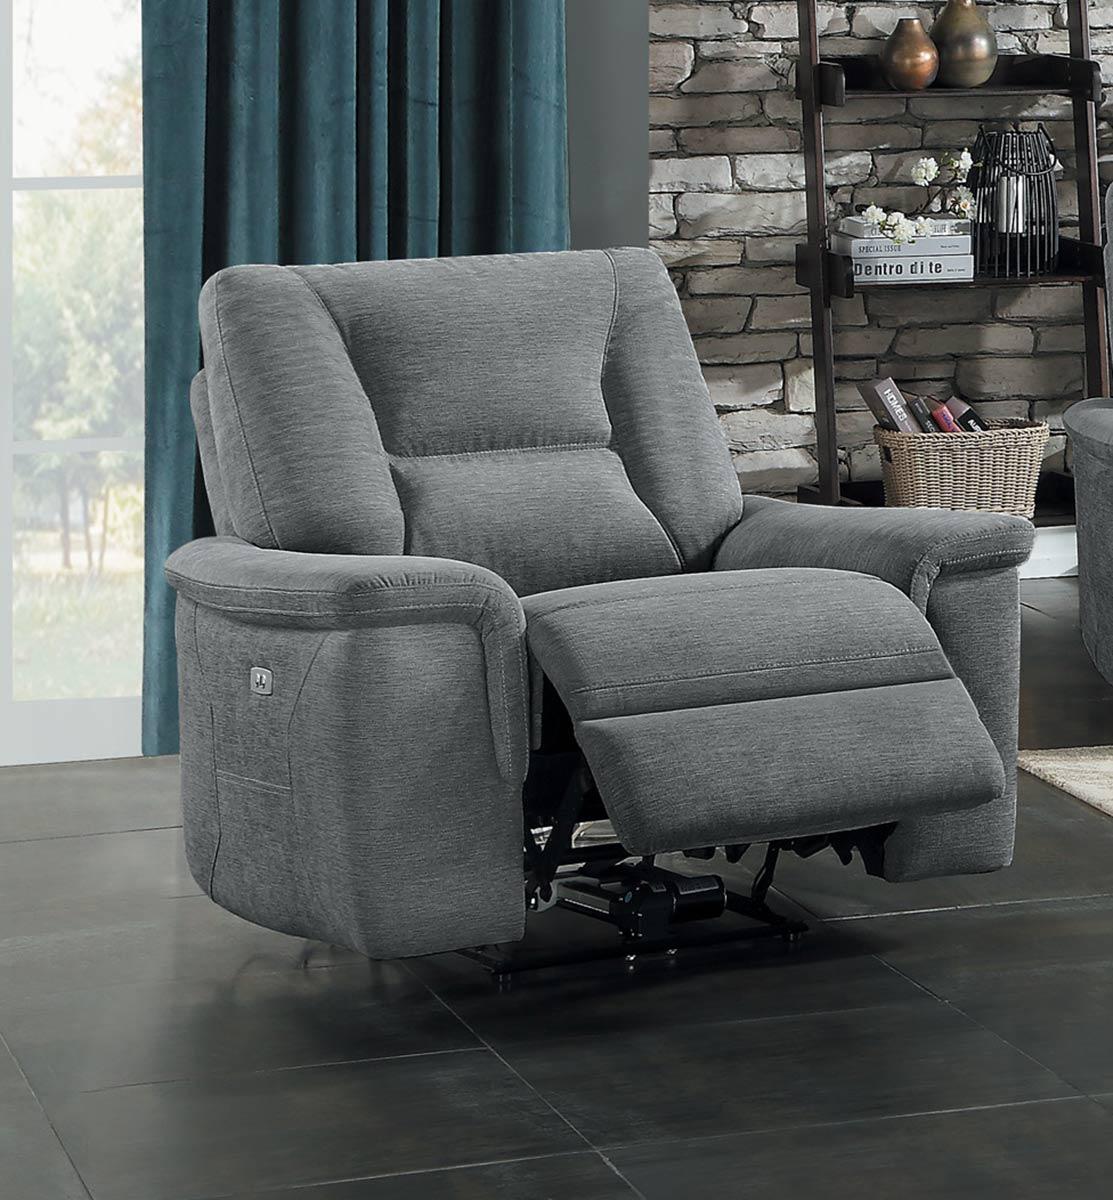 Homelegance Edelweiss Power Reclining Chair - Metal gray